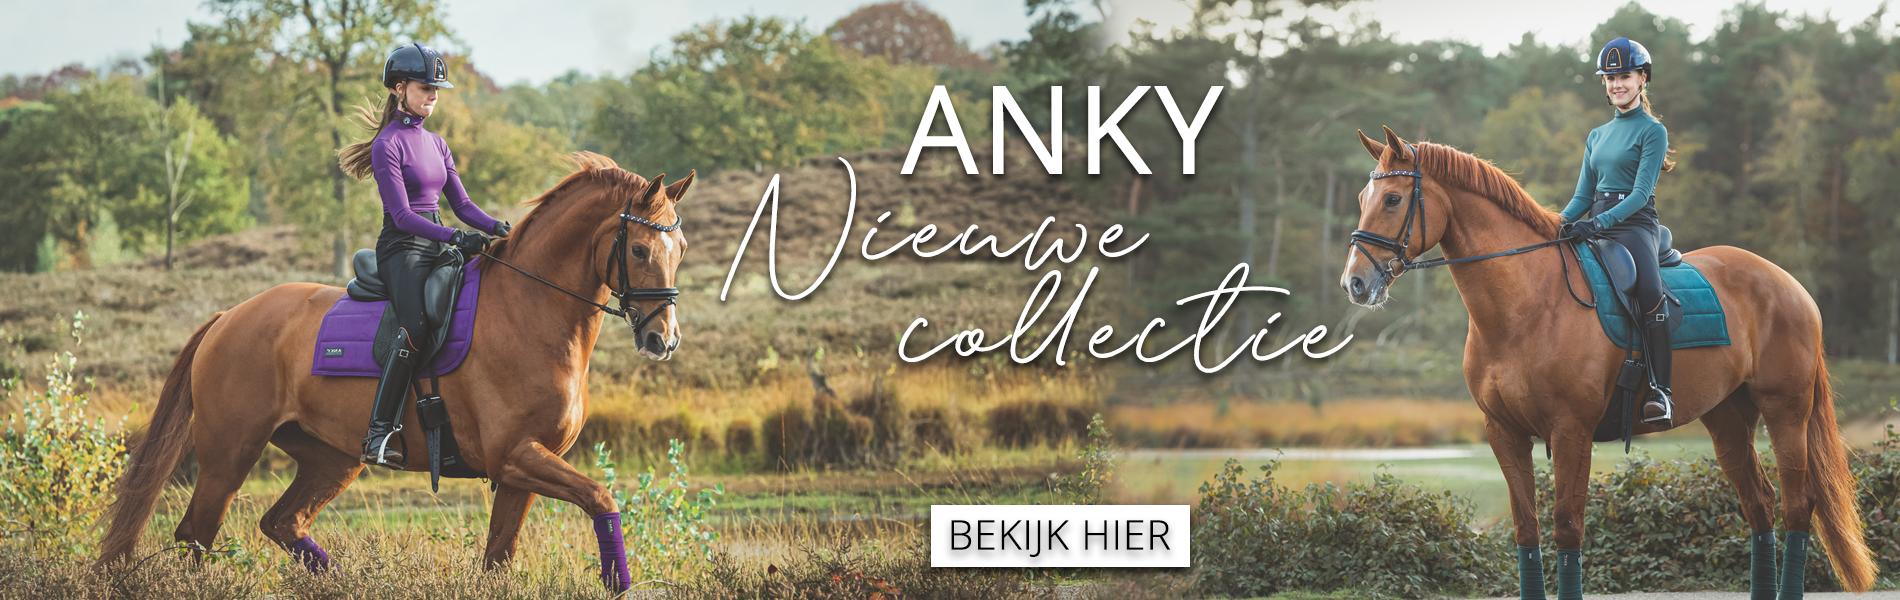 Anky 2021 wintercollectie